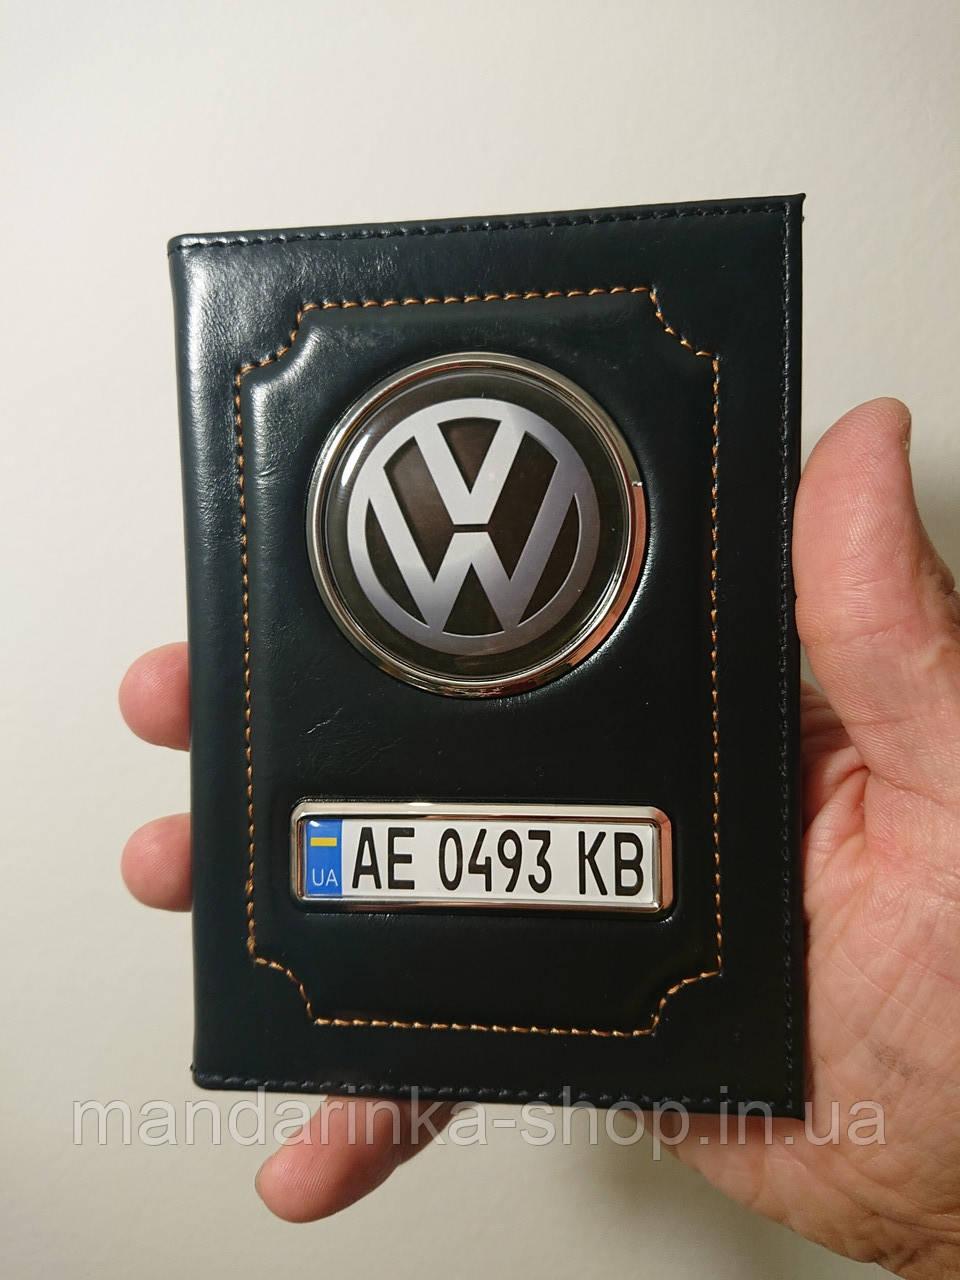 Обложка для документів з логотипом і номером Volkswagen